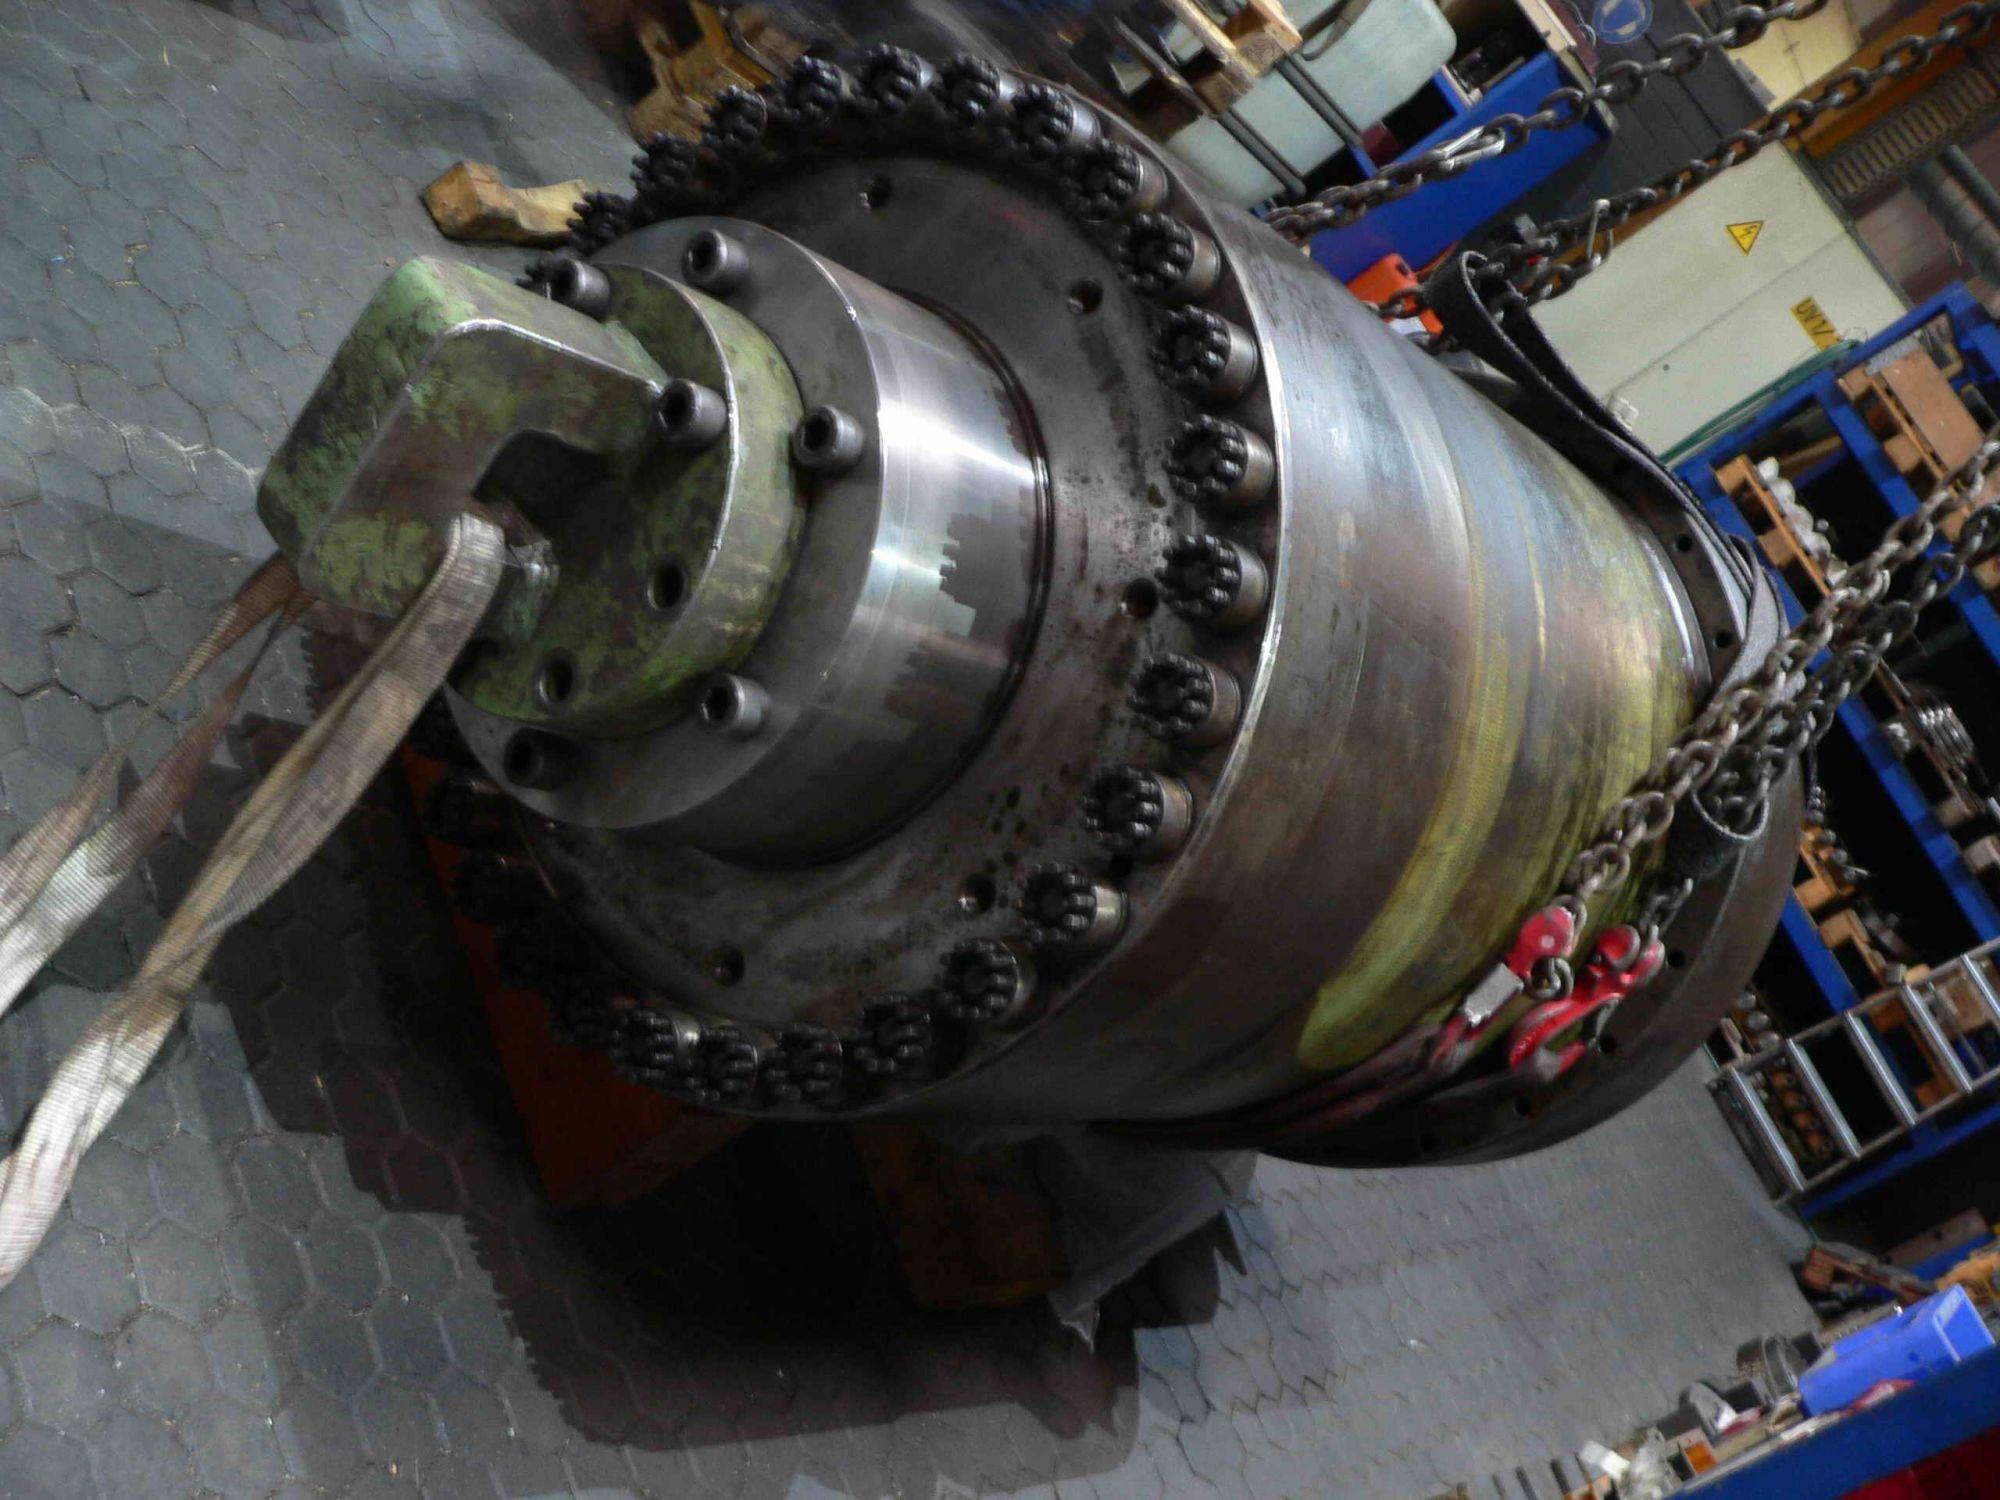 Gemeinsame 30-jähriger Hydraulikzylinder: Instandsetzung oder Neubau? @SL_23